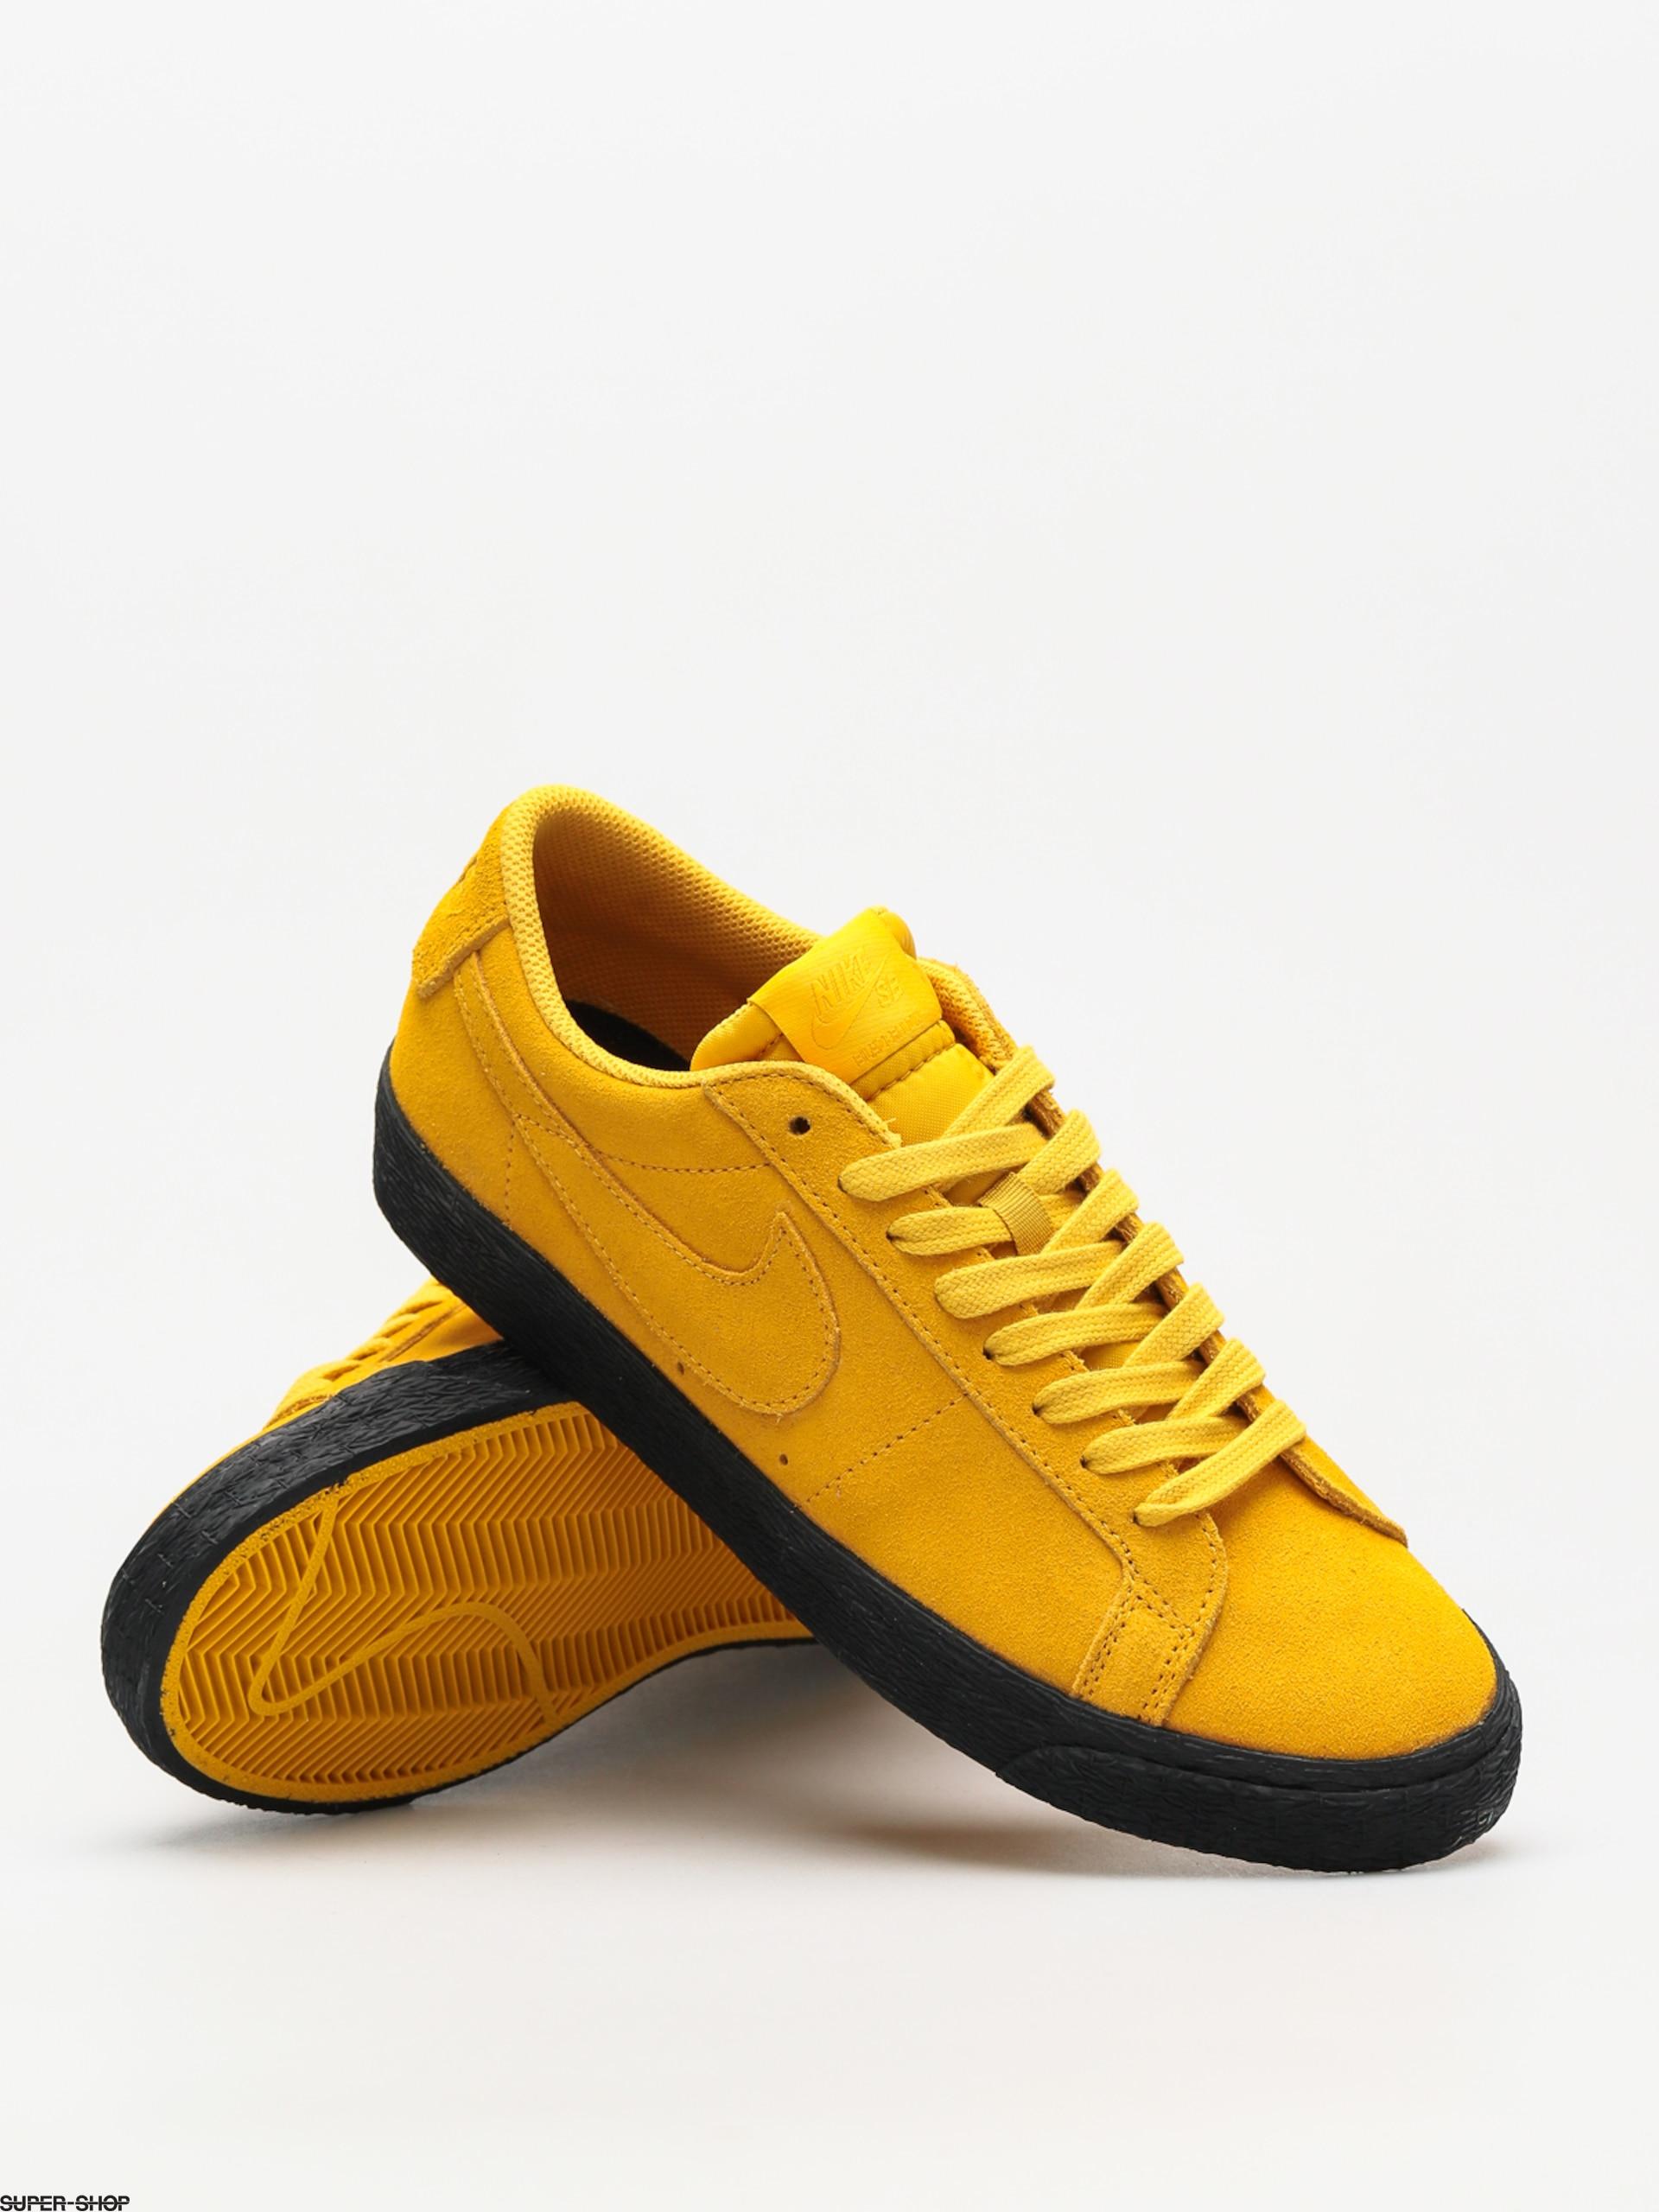 nike sb blazer low yellow ochre